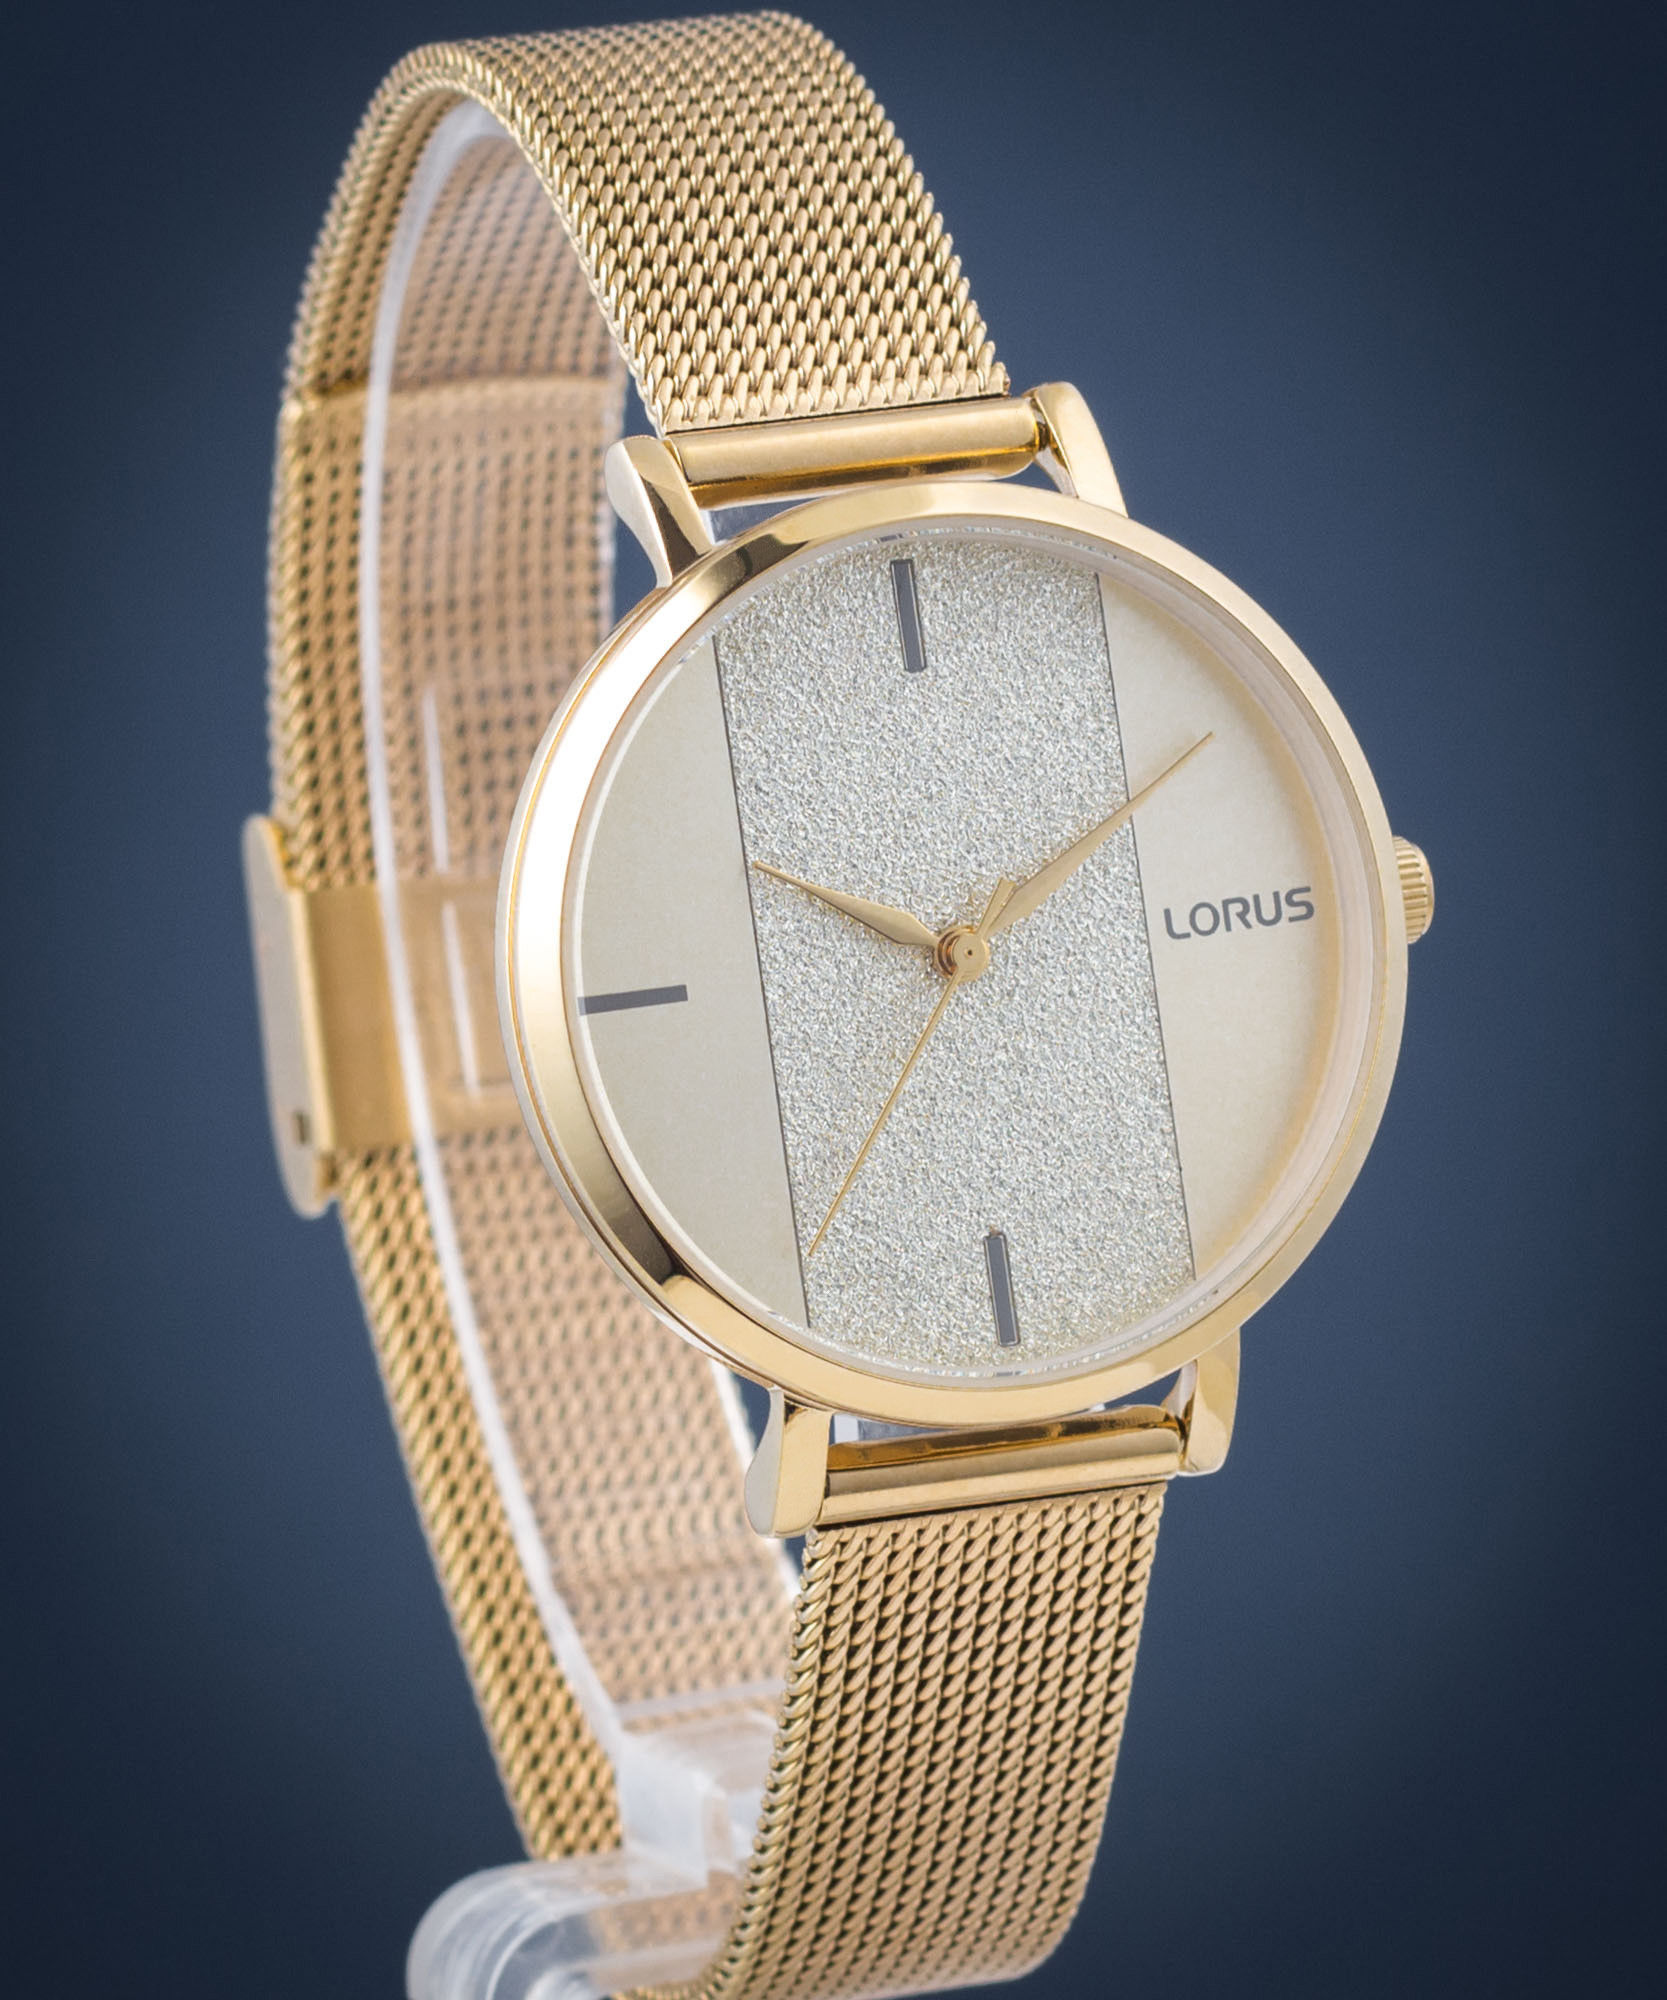 Zegarek Lorus RG212SX9 - CENA DO NEGOCJACJI - DOSTAWA DHL GRATIS, KUPUJ BEZ RYZYKA - 100 dni na zwrot, możliwość wygrawerowania dowolnego tekstu.